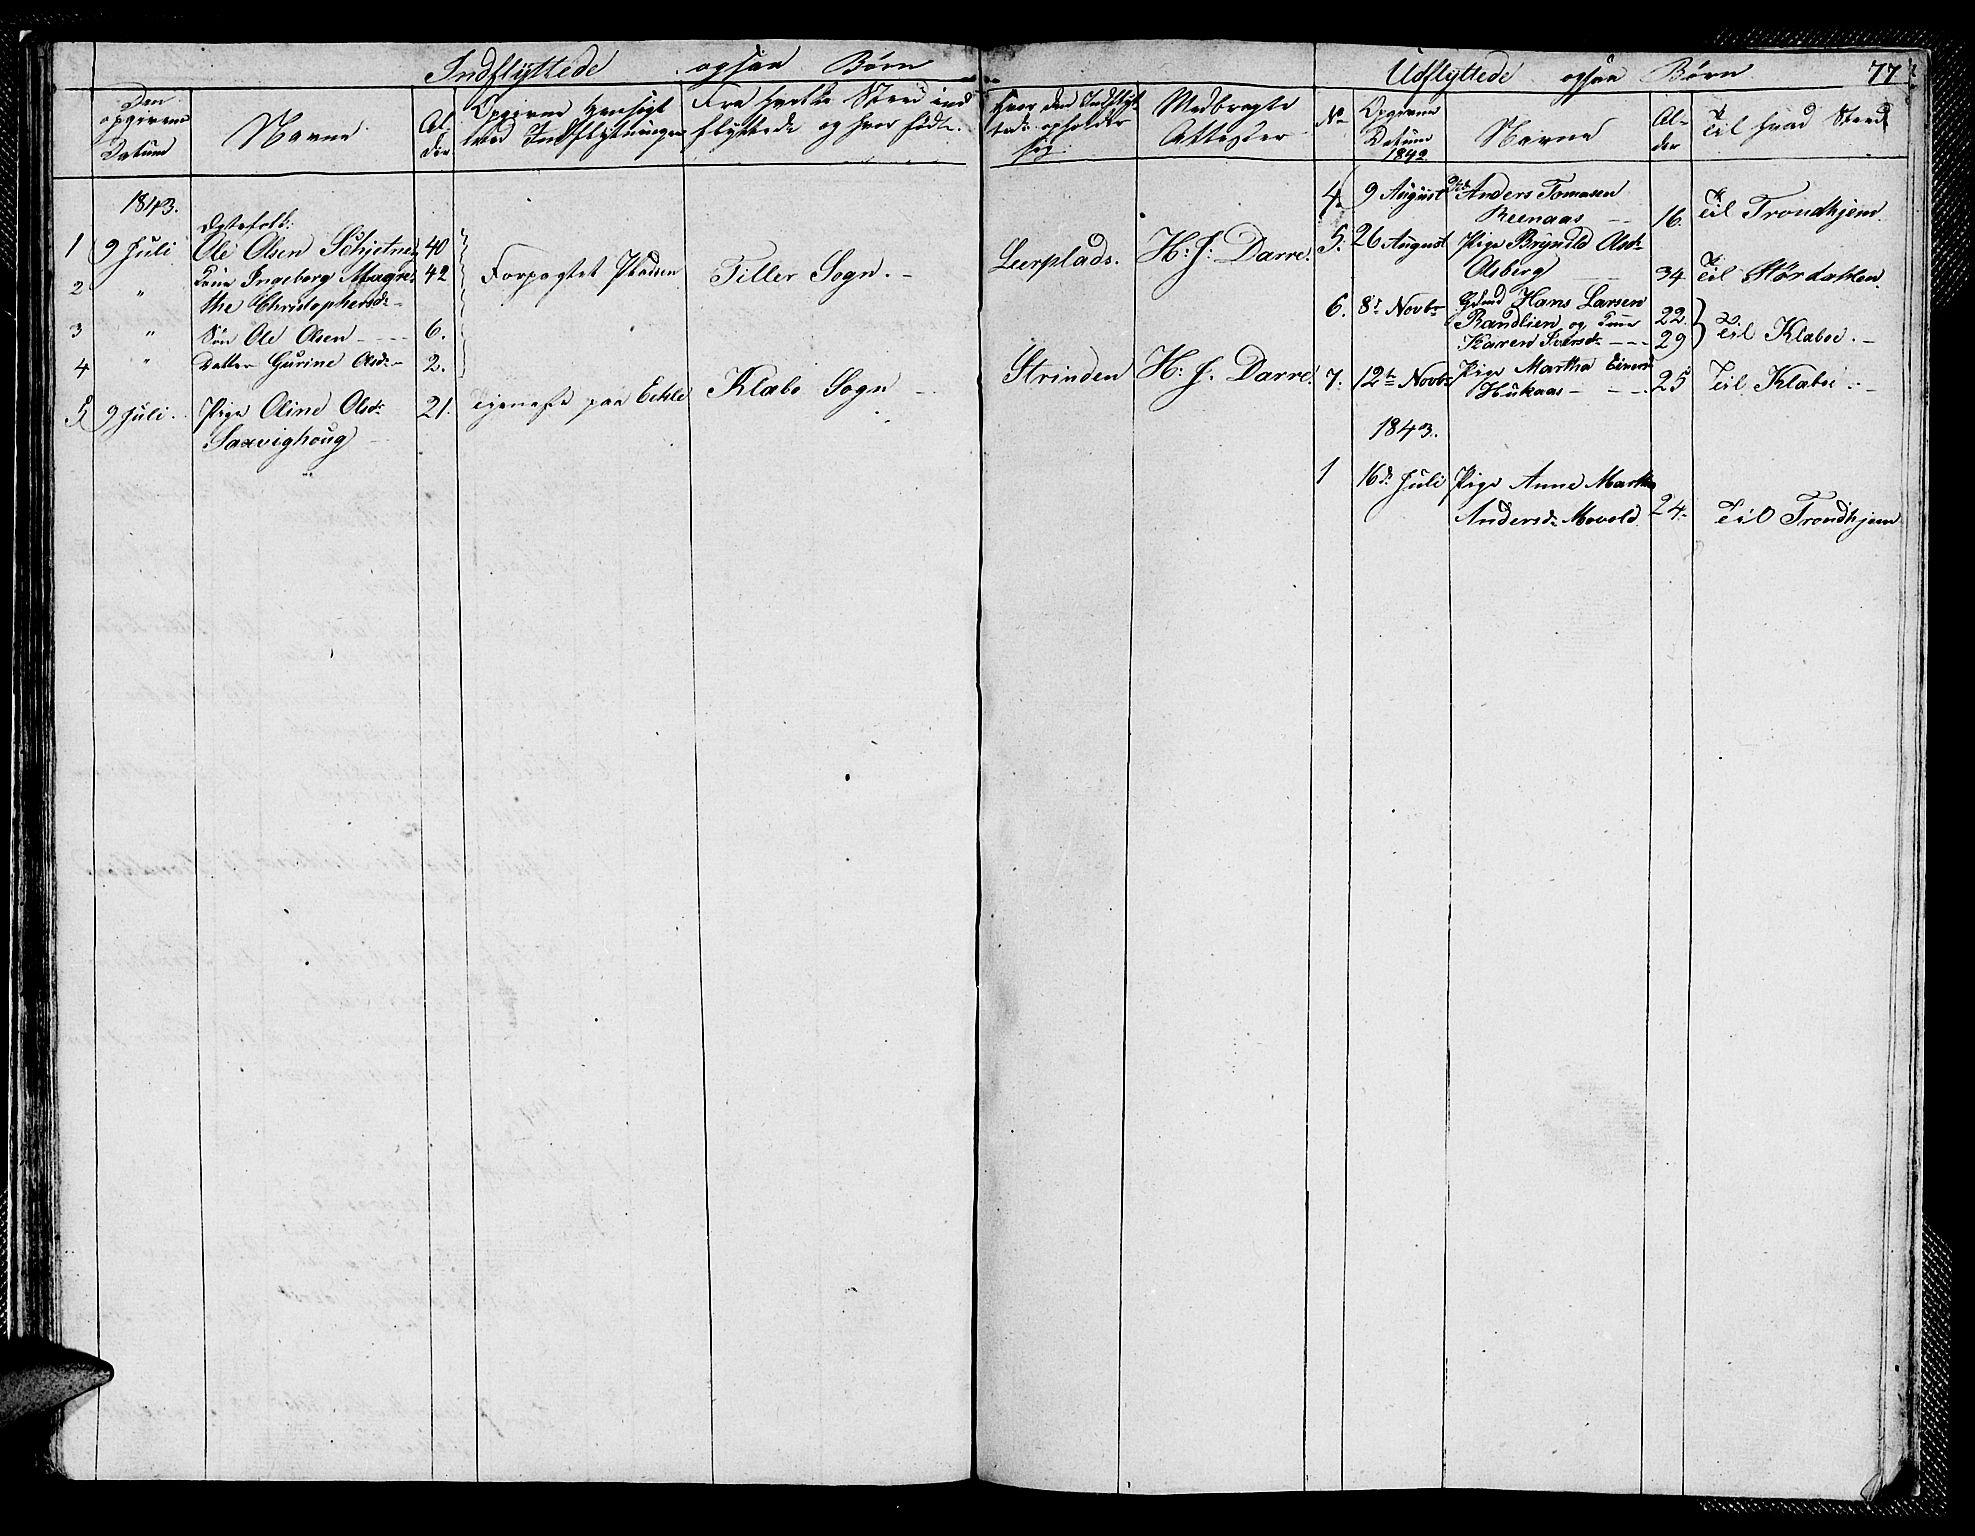 SAT, Ministerialprotokoller, klokkerbøker og fødselsregistre - Sør-Trøndelag, 608/L0338: Klokkerbok nr. 608C04, 1831-1843, s. 77